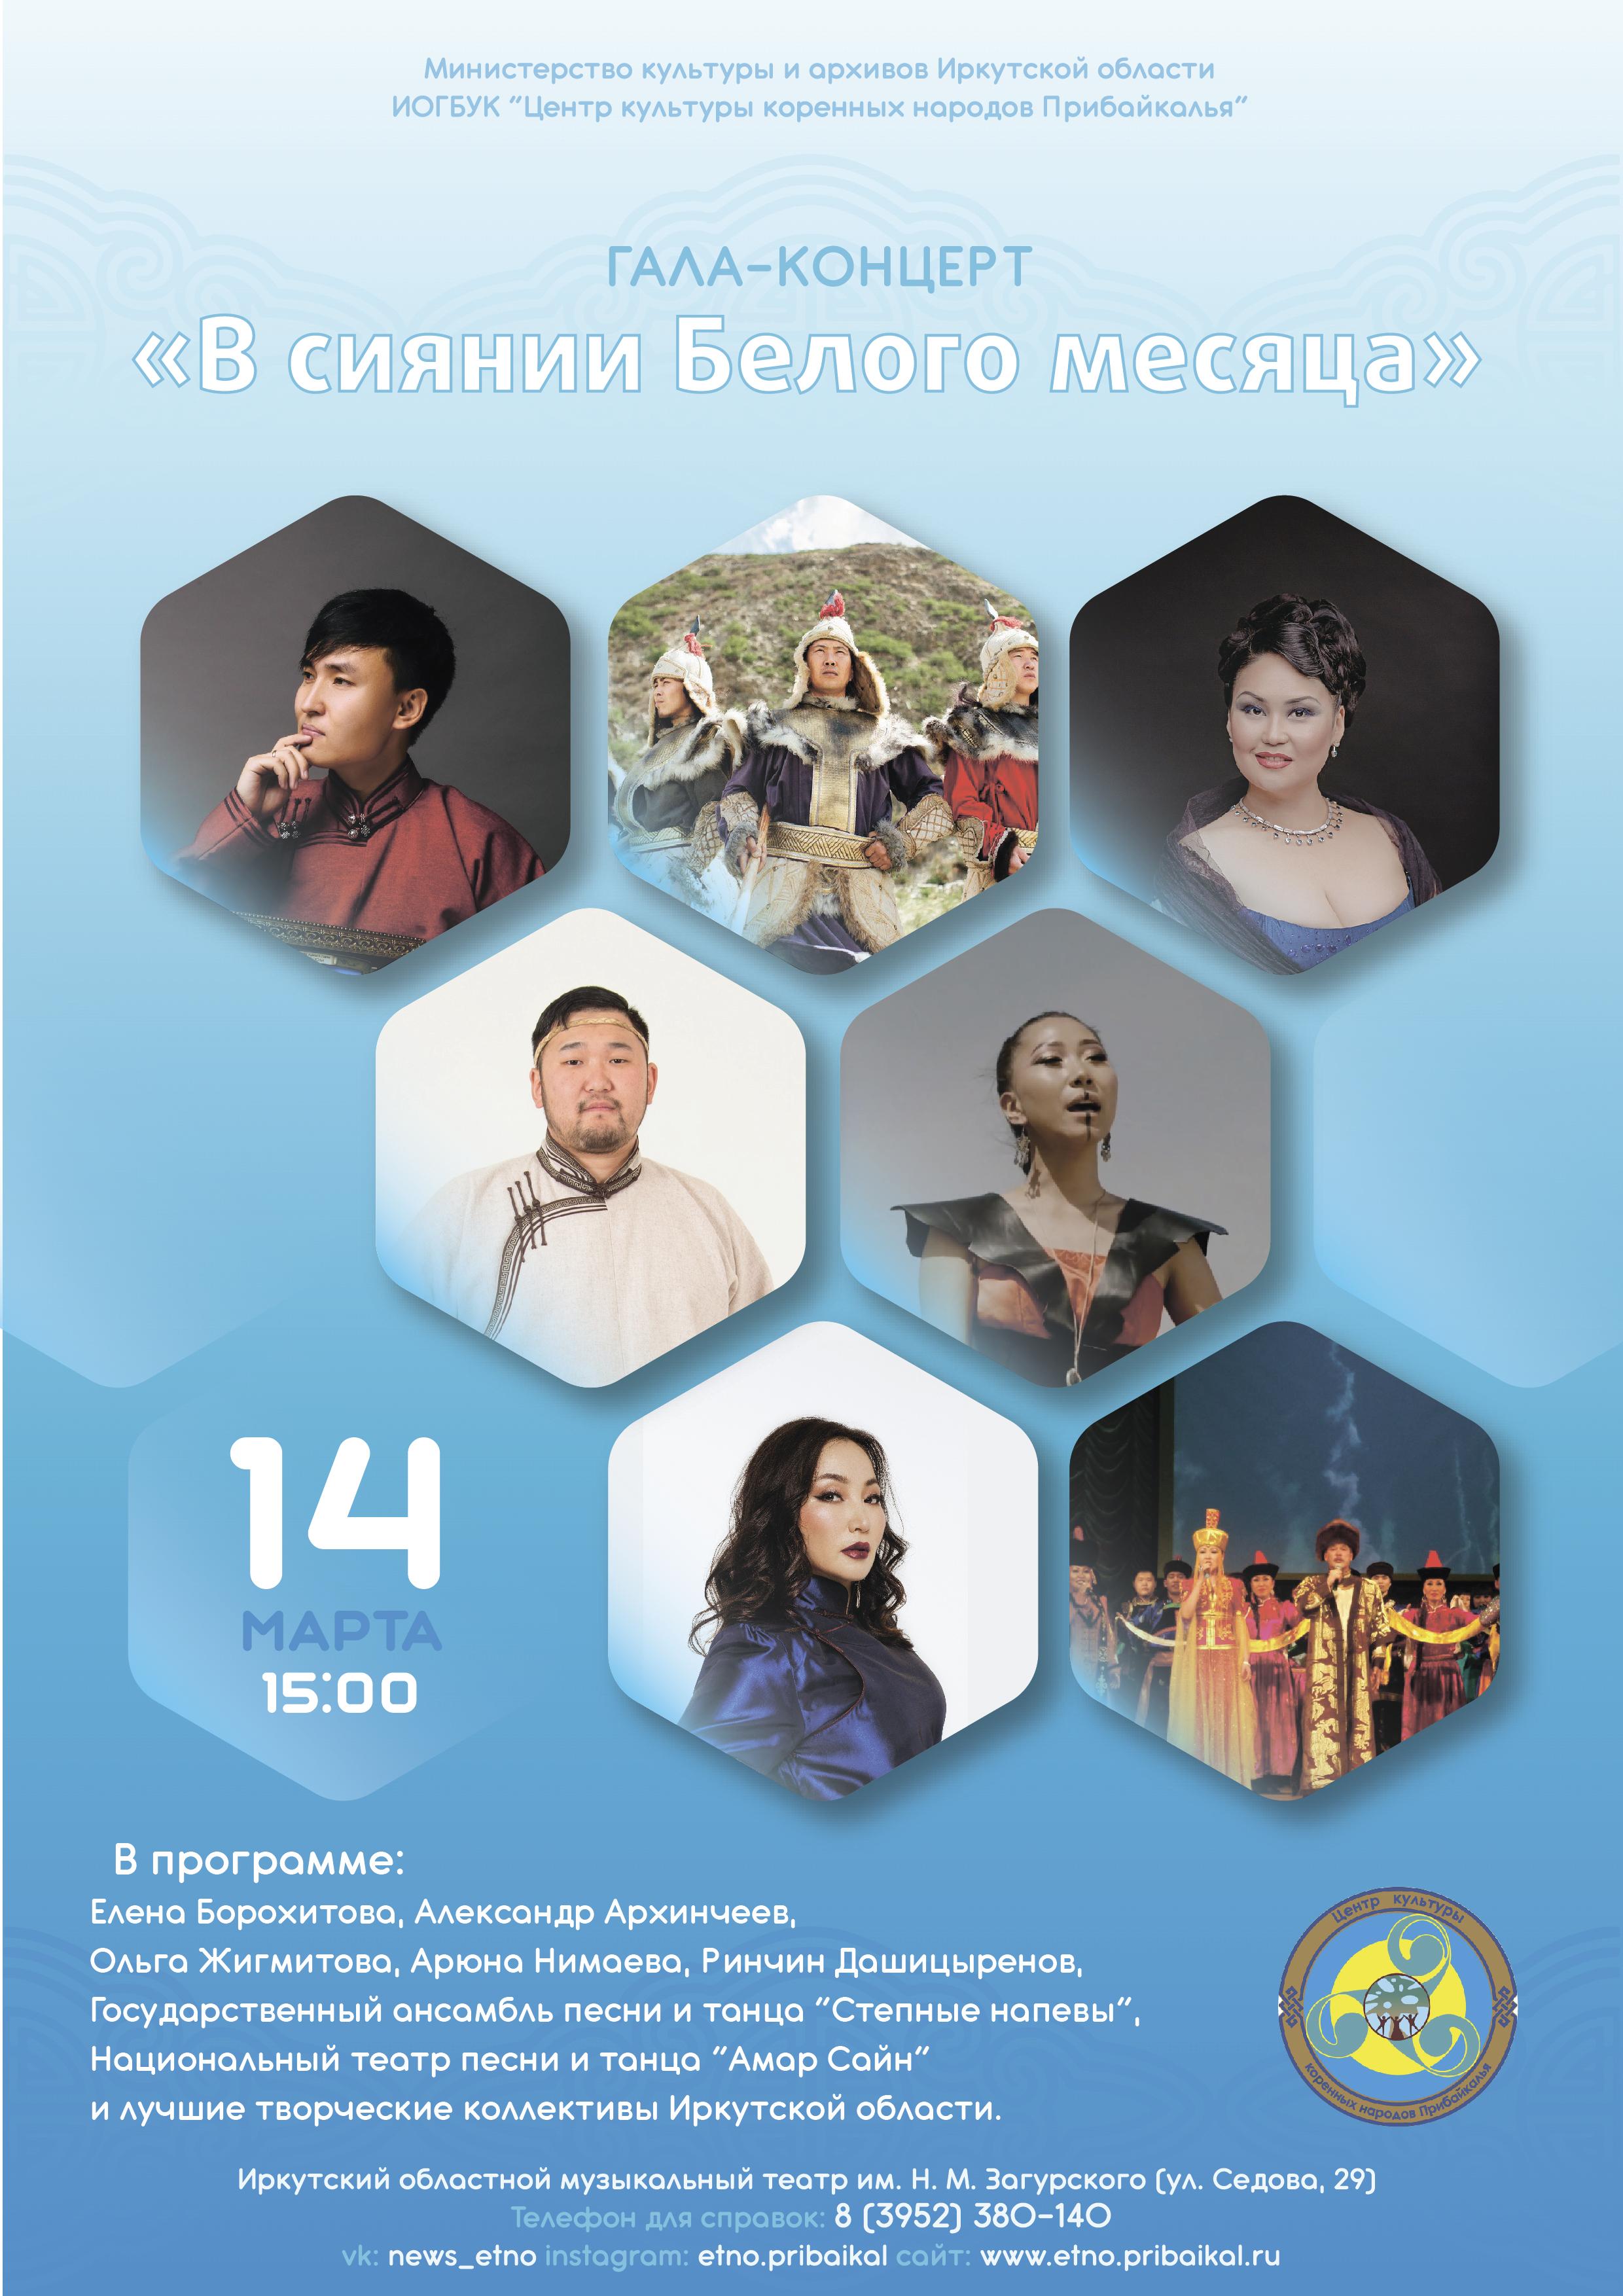 Гала-концерт «В сиянии Белого месяца» в Музыкальном театре имени Н.М. Загурского